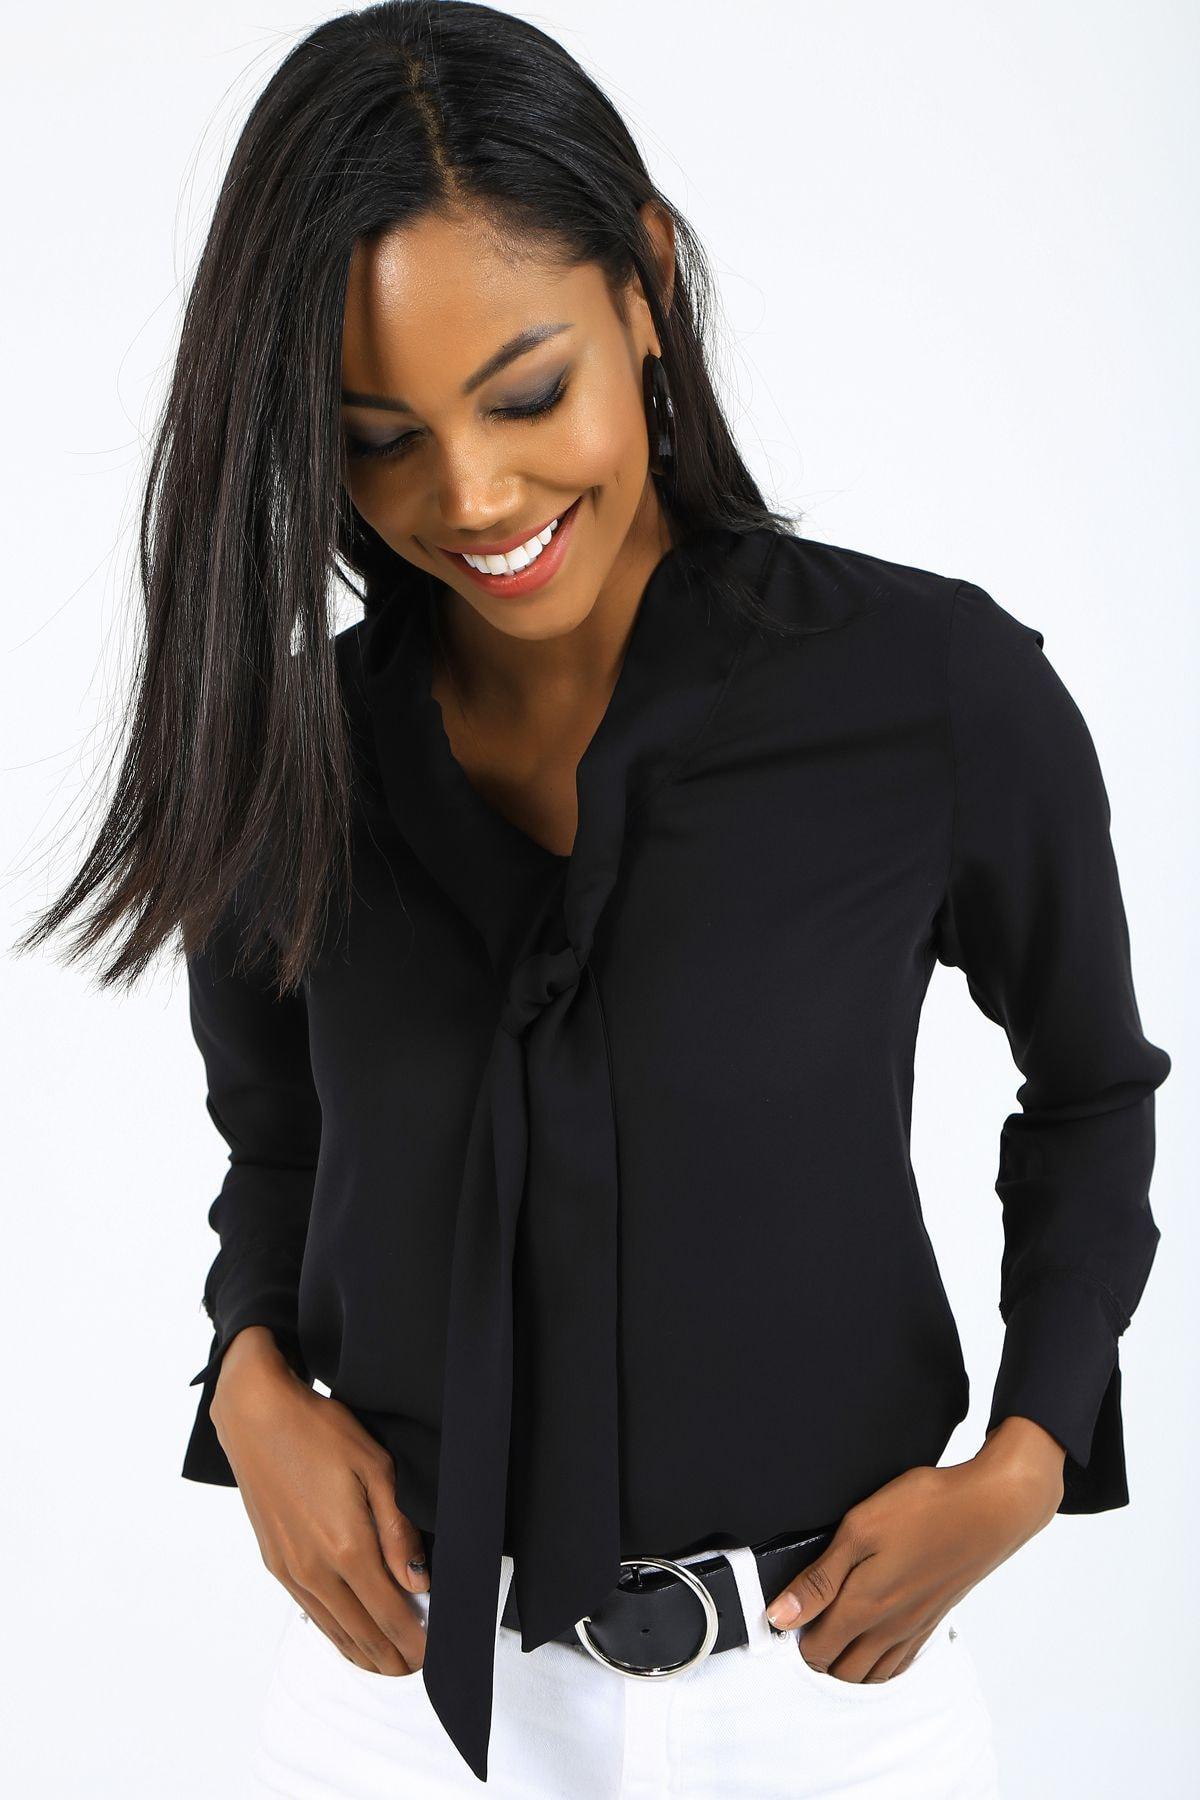 EMJEY Kadın Siyah Önü Bağlamalı Kolları Manşetli Gömlek She020B010059 4